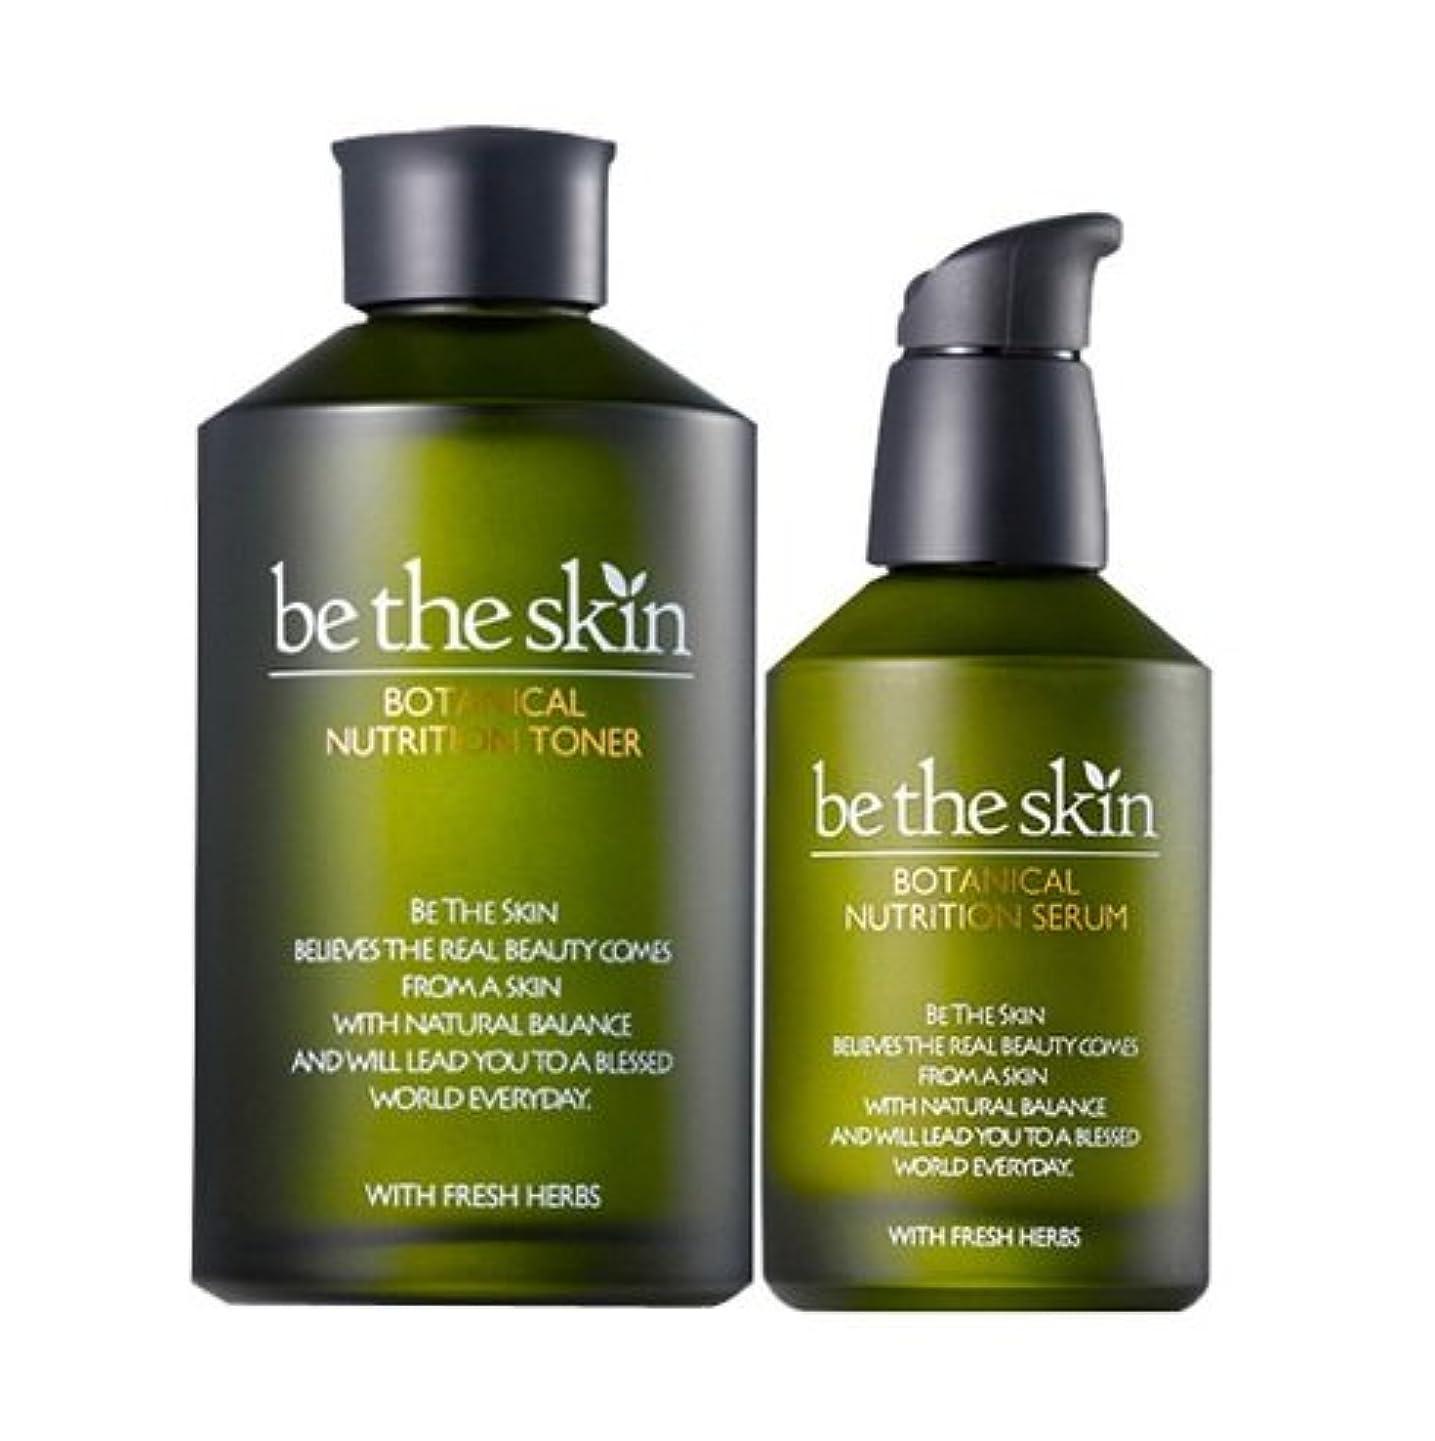 靴下誠意決定するbe the skin ボタニカル ニュートリション パーフェクト ケア 2種(トーナ&セラム セット)/Botanical Nutrition Toner & Serum [並行輸入品]